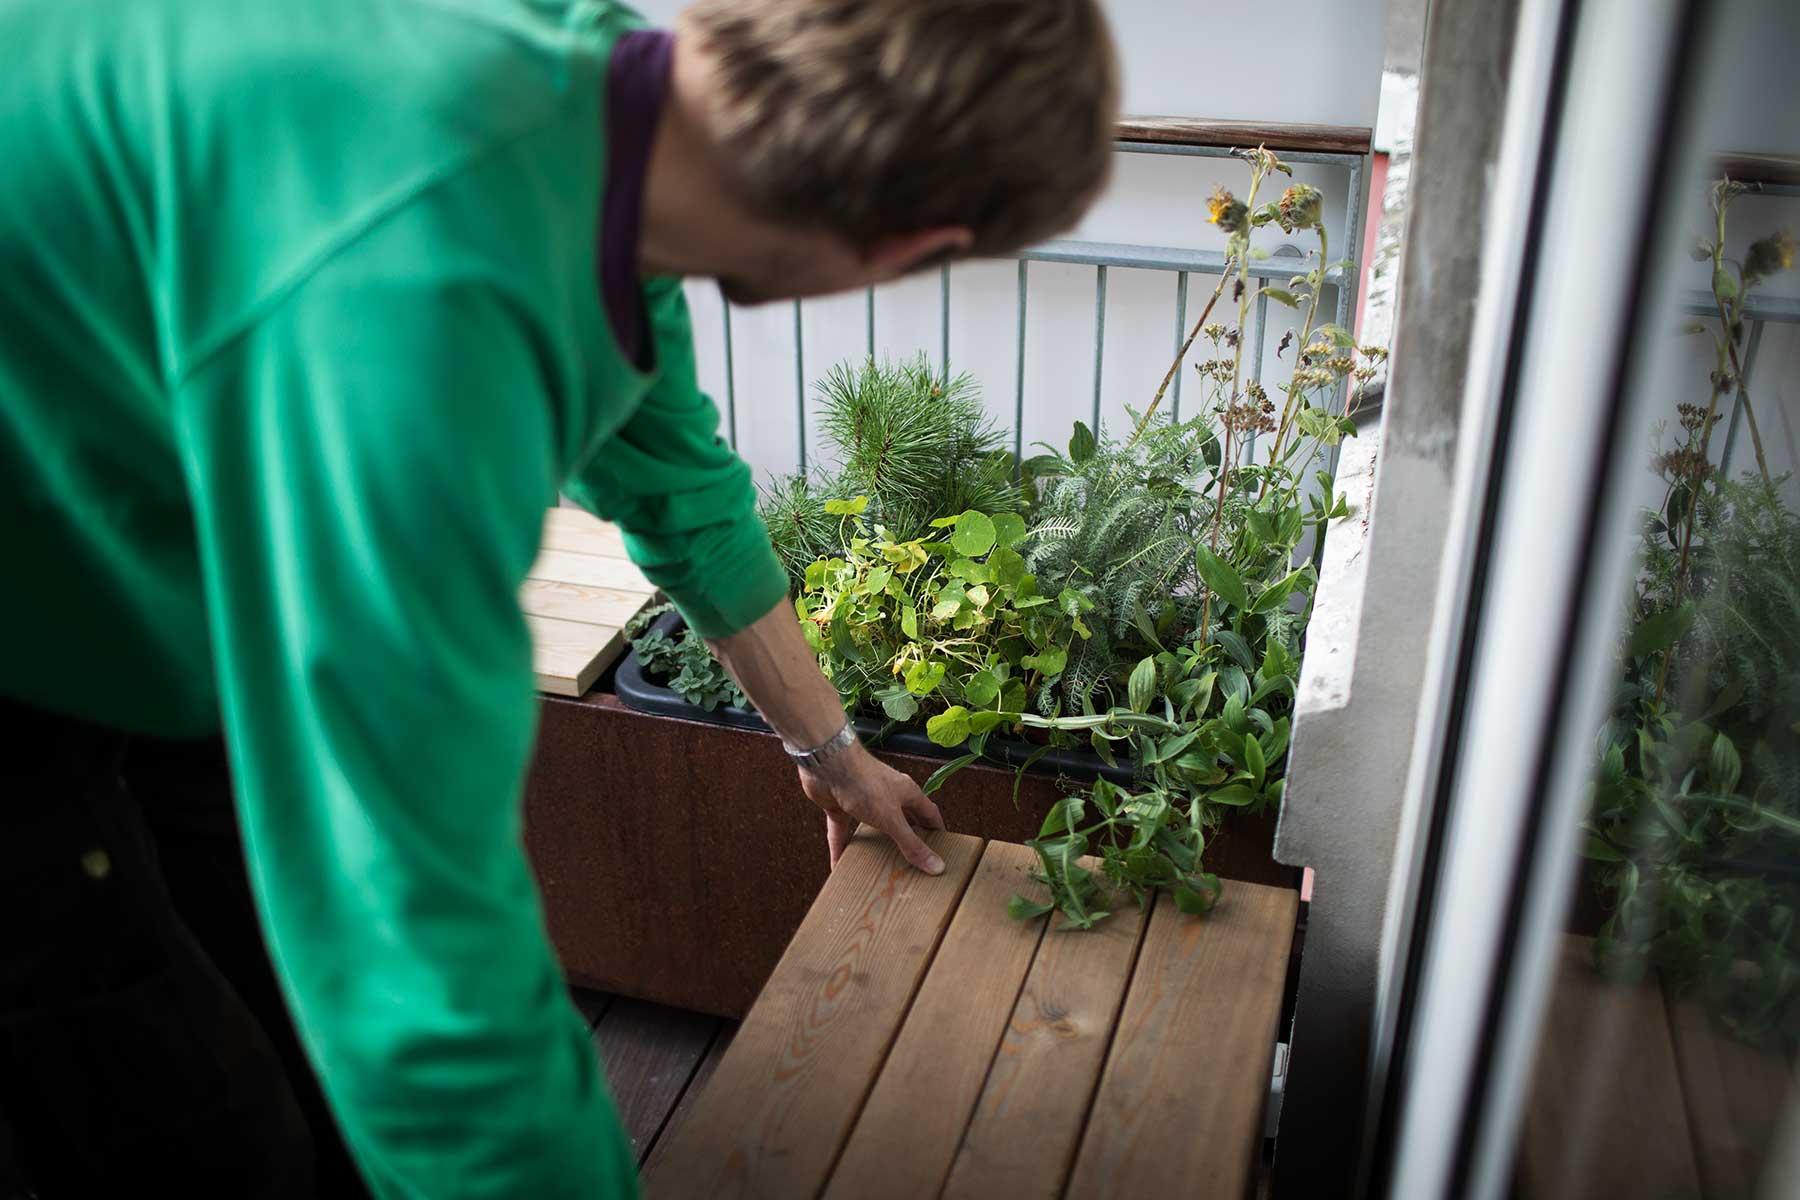 Altankasser, møbler og planter til Anna og Simons lille altan - TagTomat